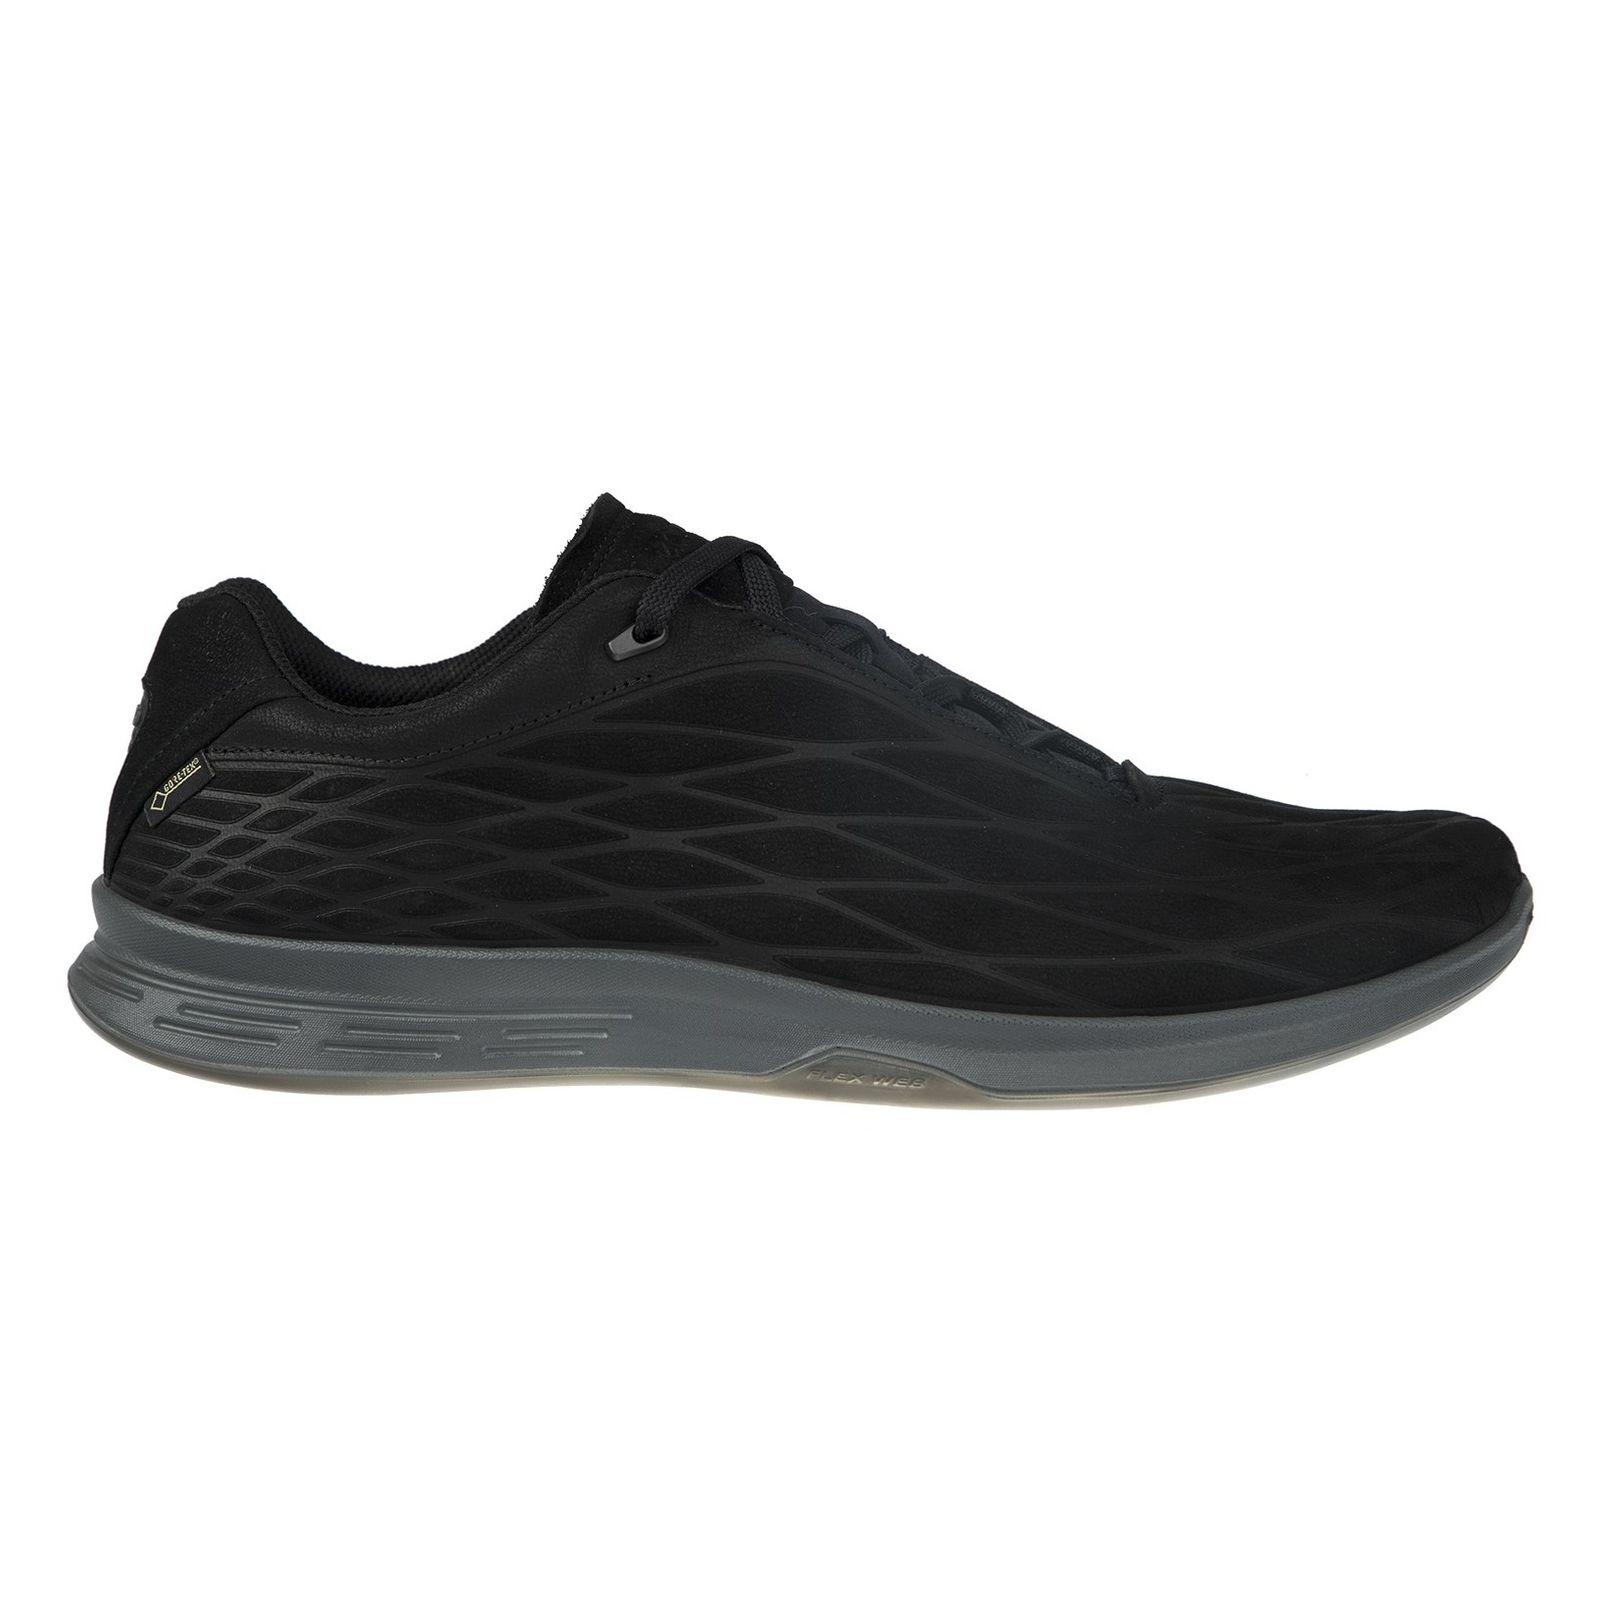 کفش ورزشی بندی مردانه Exceed - اکو - مشکي - 1